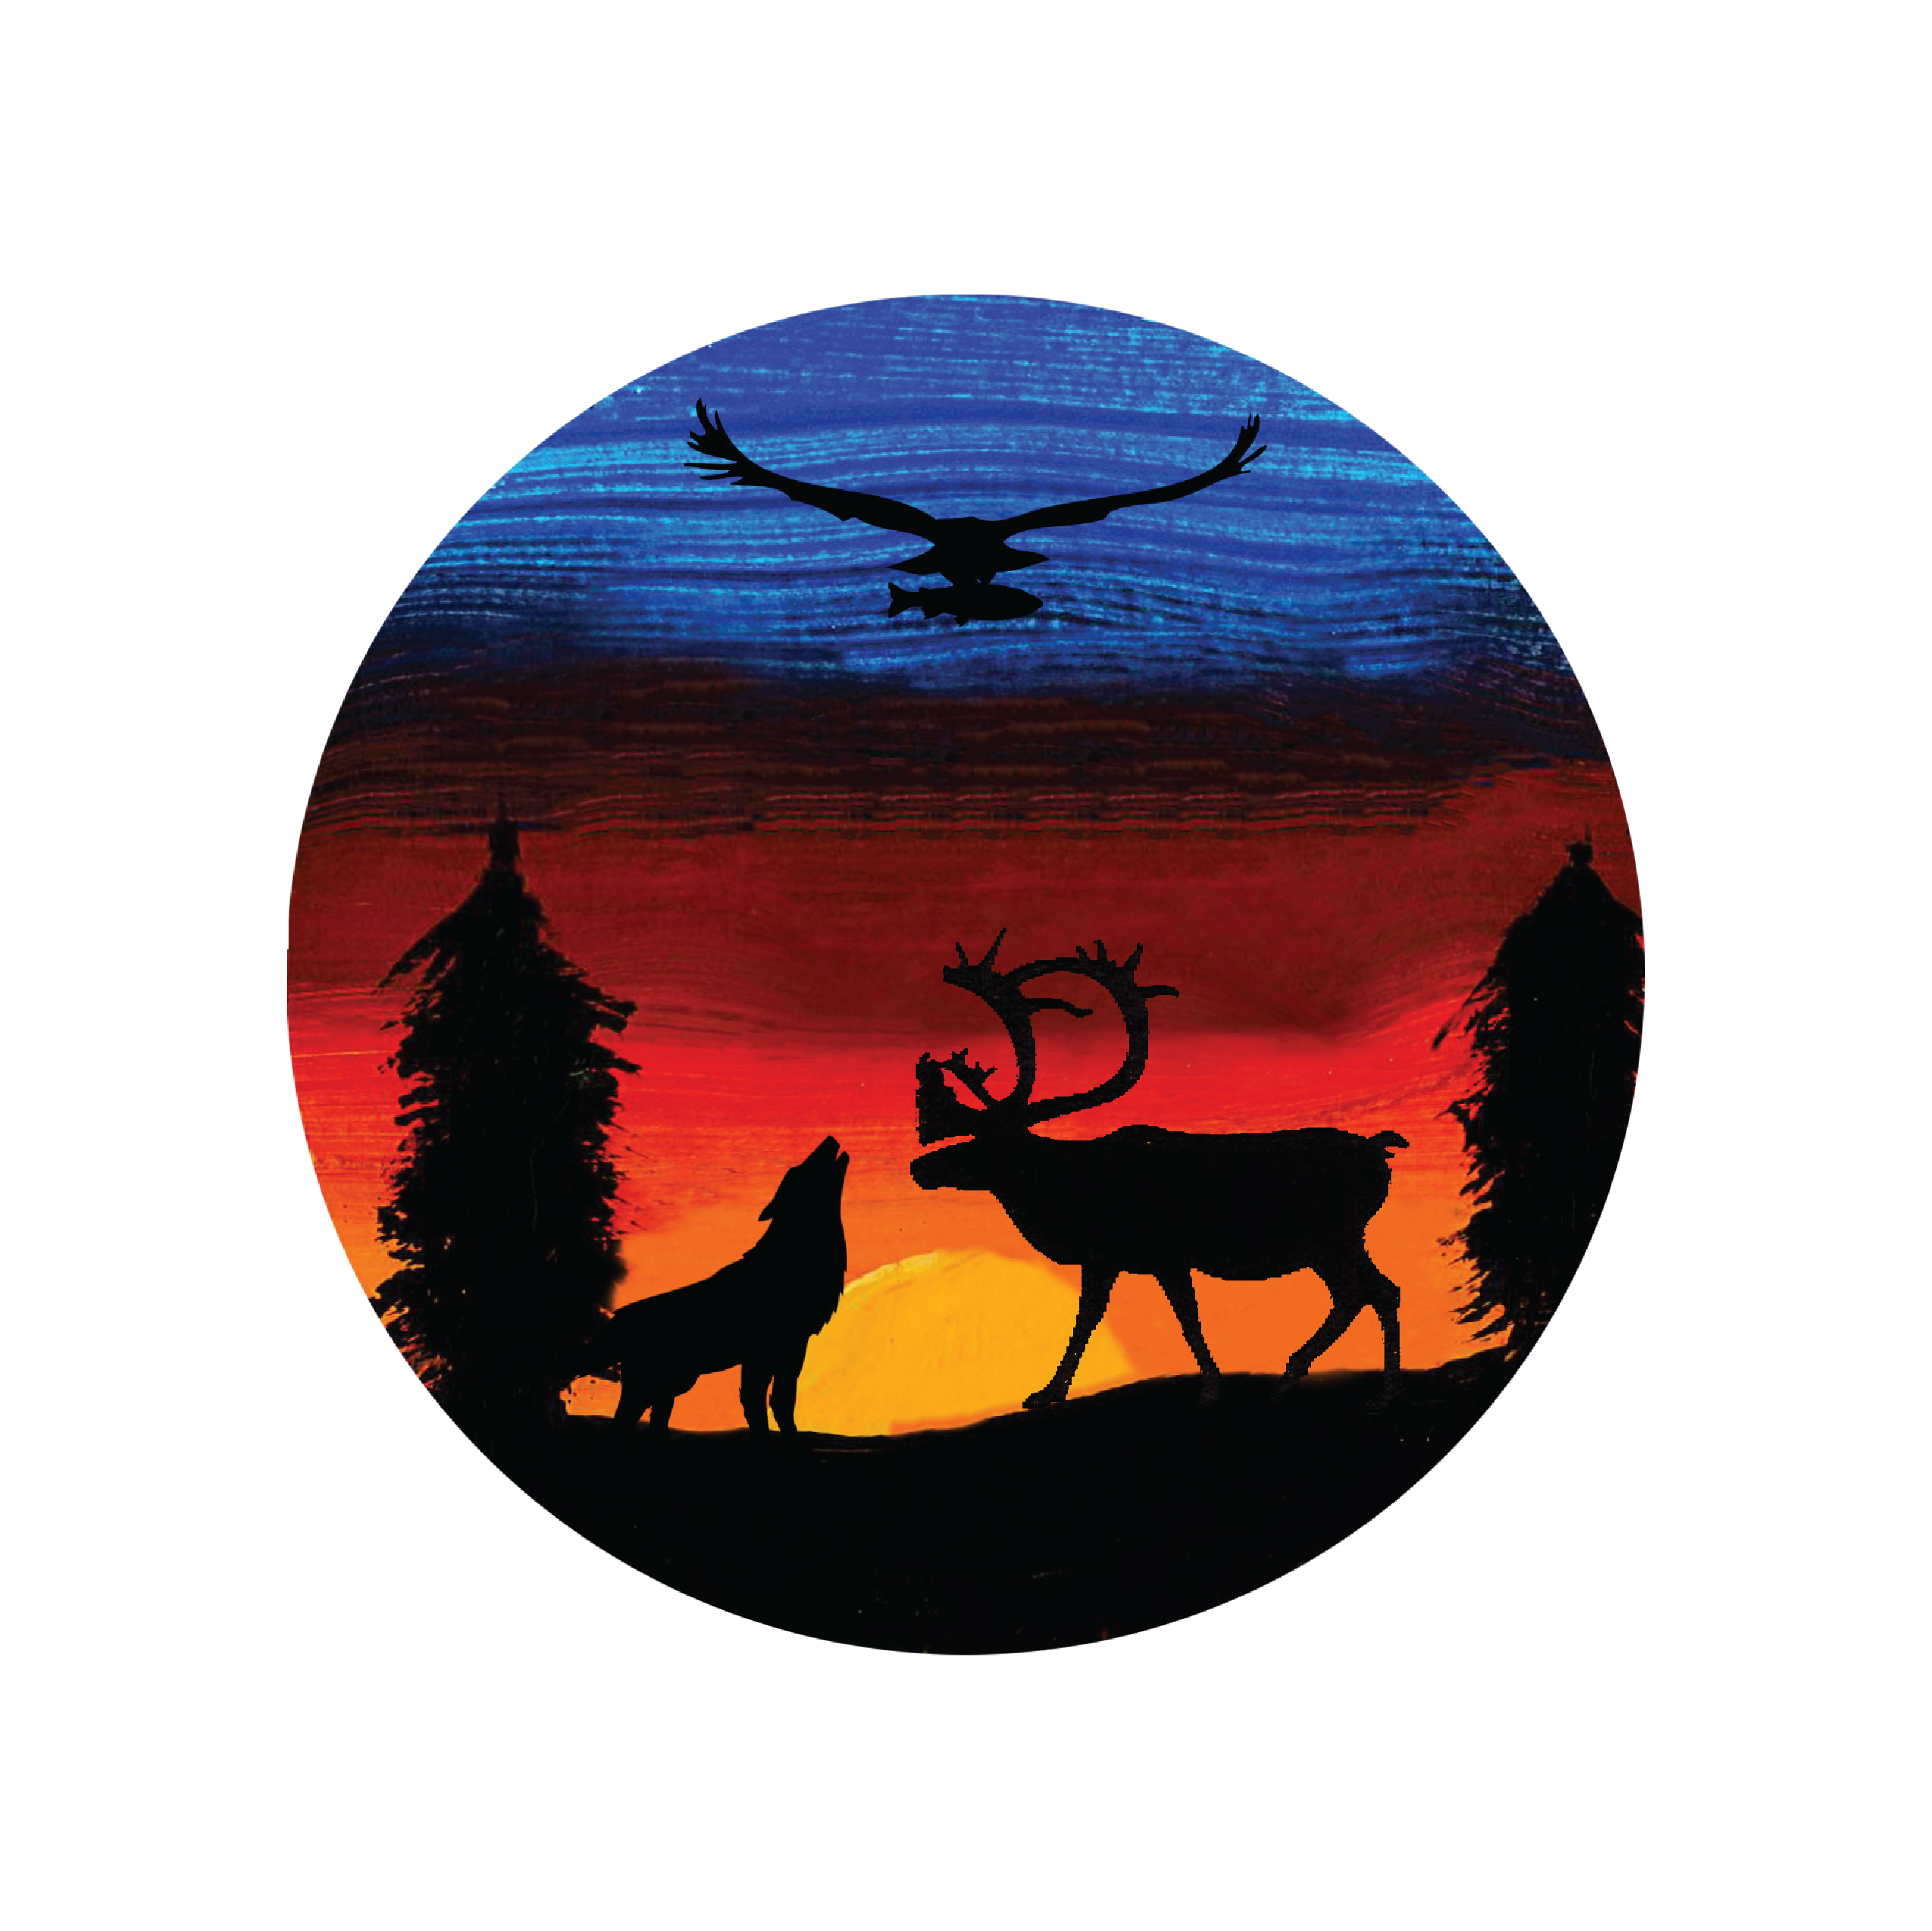 Athabasca Denesuline Education Authority Image